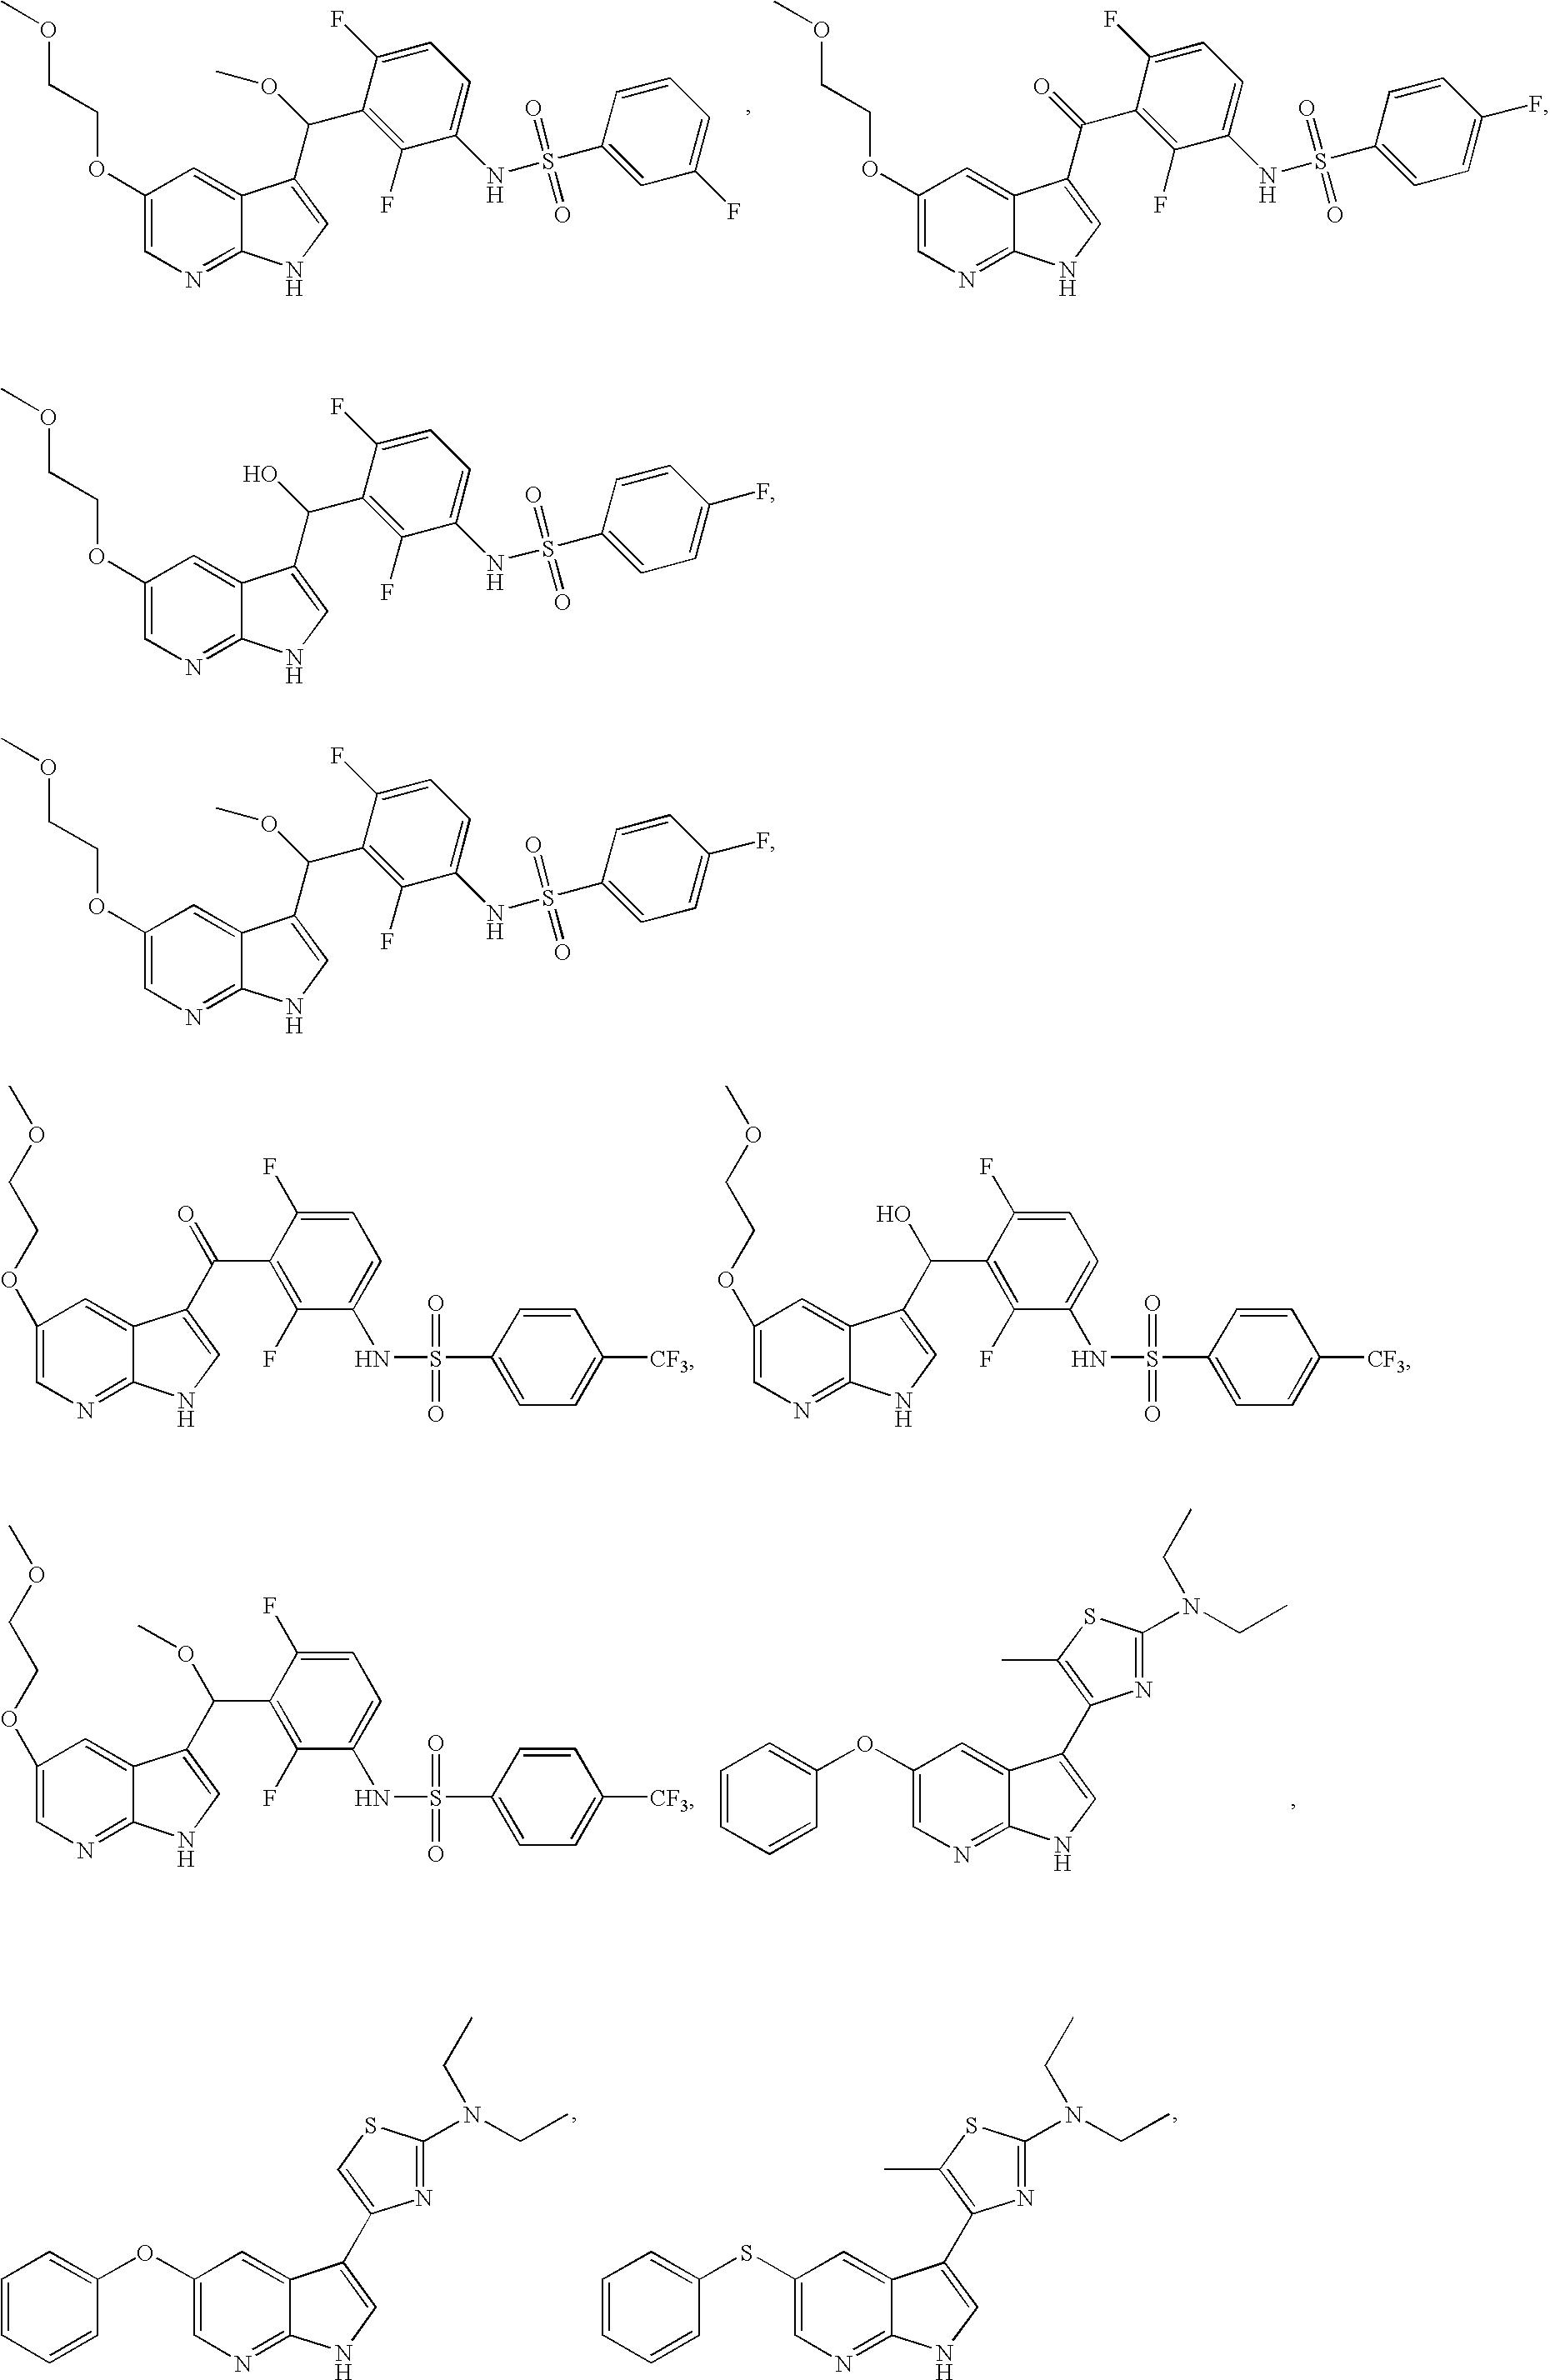 Figure US20080188514A1-20080807-C00008